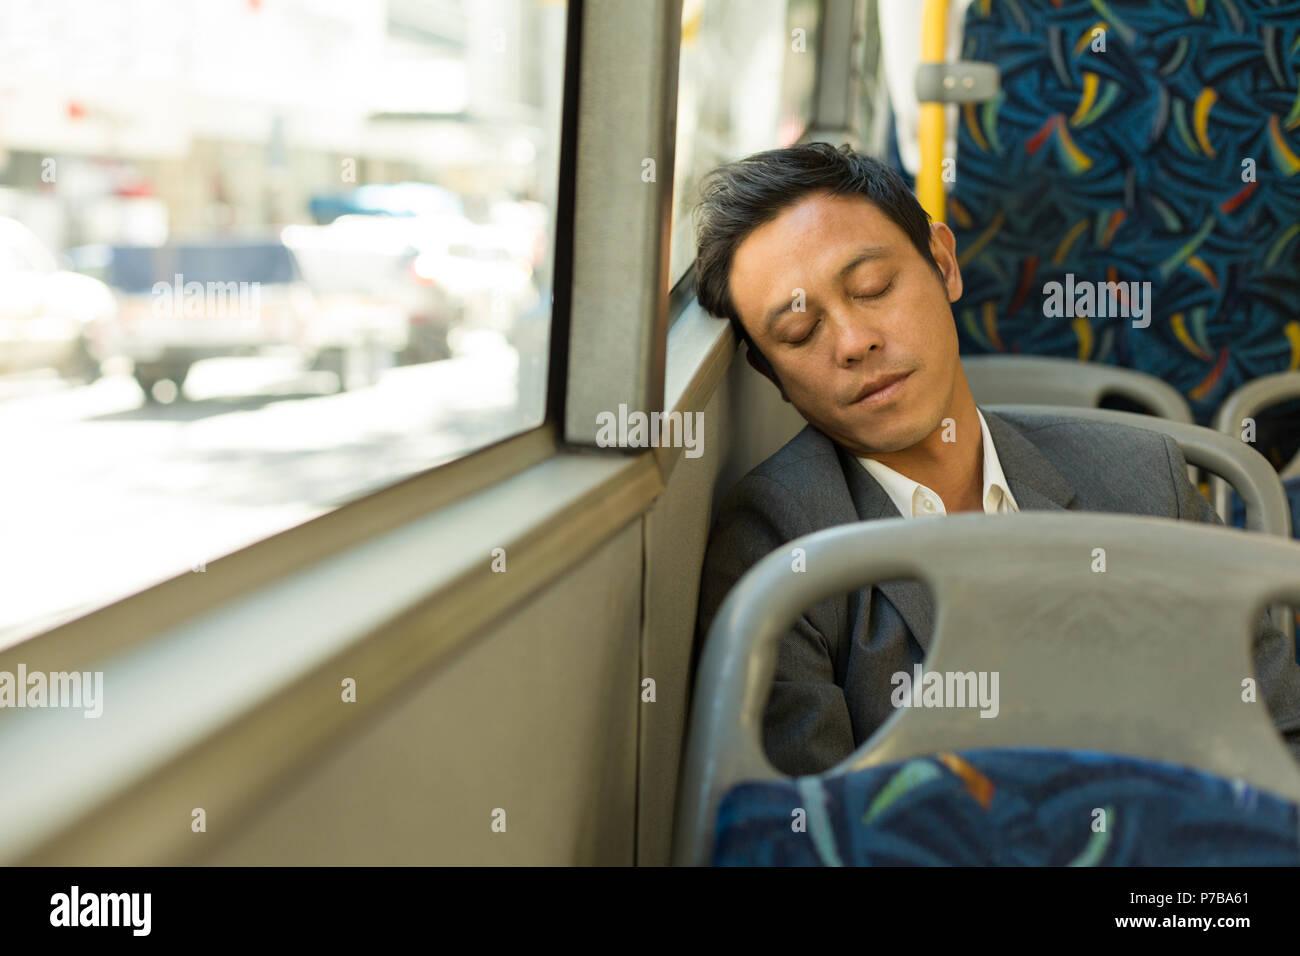 Hombre dormido en el bus Imagen De Stock